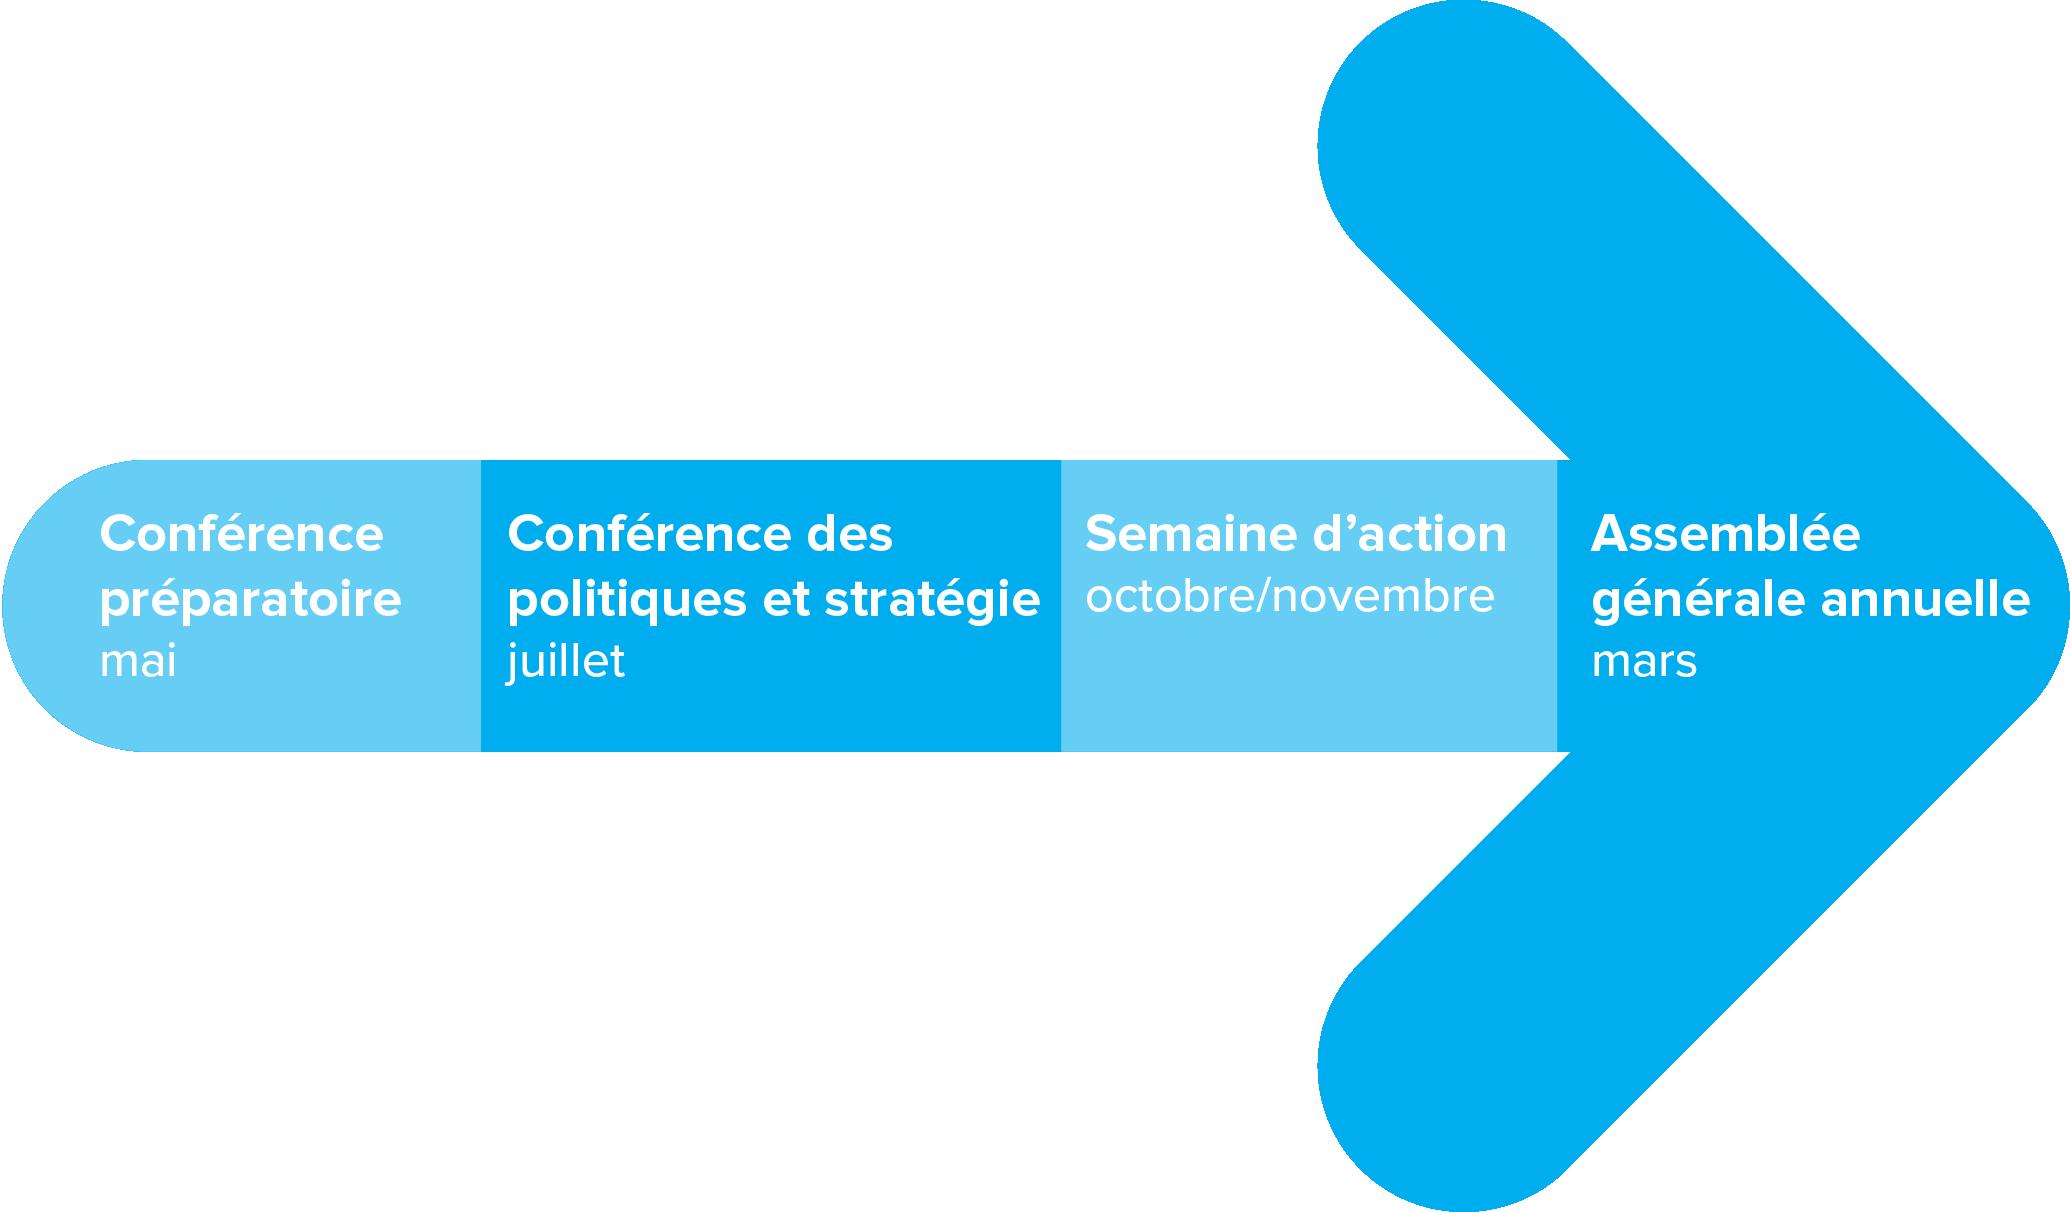 Une flèche avec les noms des quatre conférences en ordre